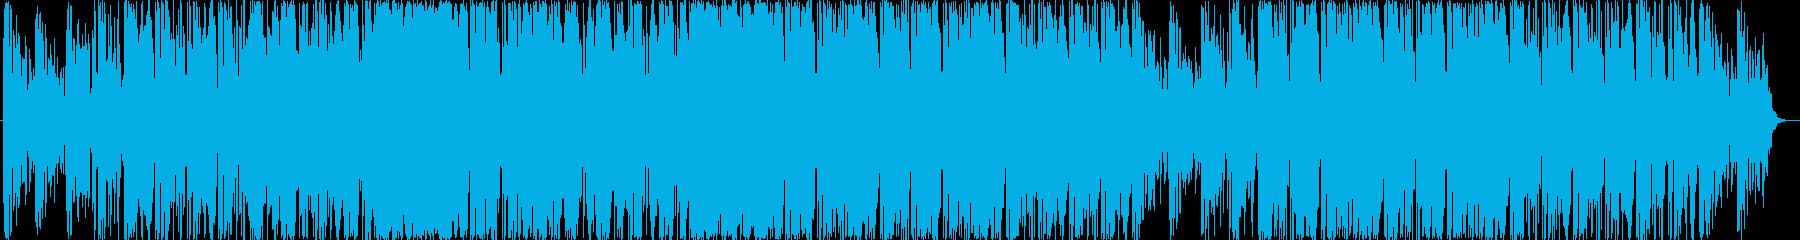 無機質だけれど透明感のあるシンセポップの再生済みの波形